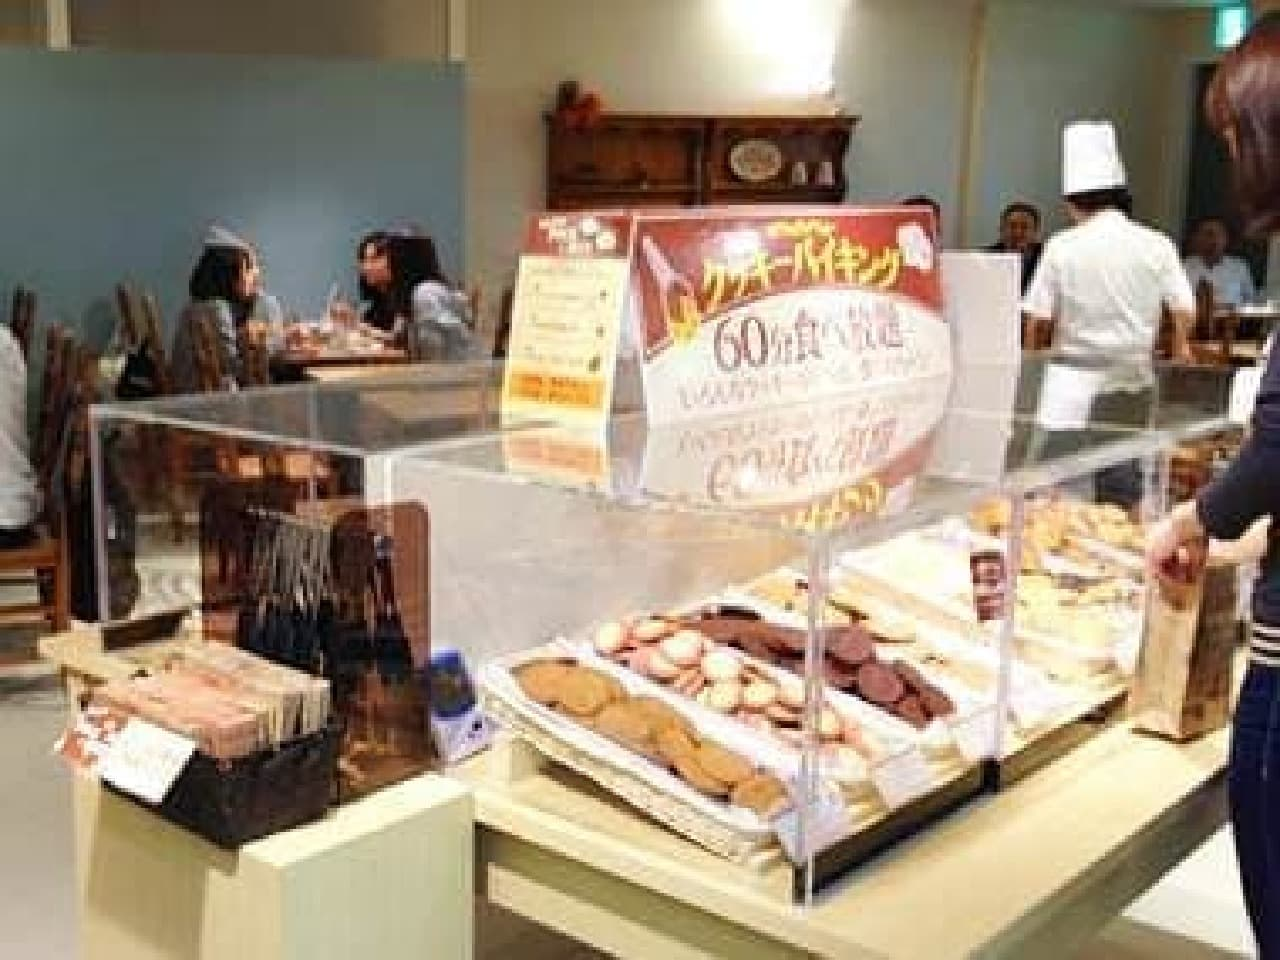 「クッキーバイキング」が楽しめる!  (画像:ステラおばさんのクッキー 公式 Facebook ページ)